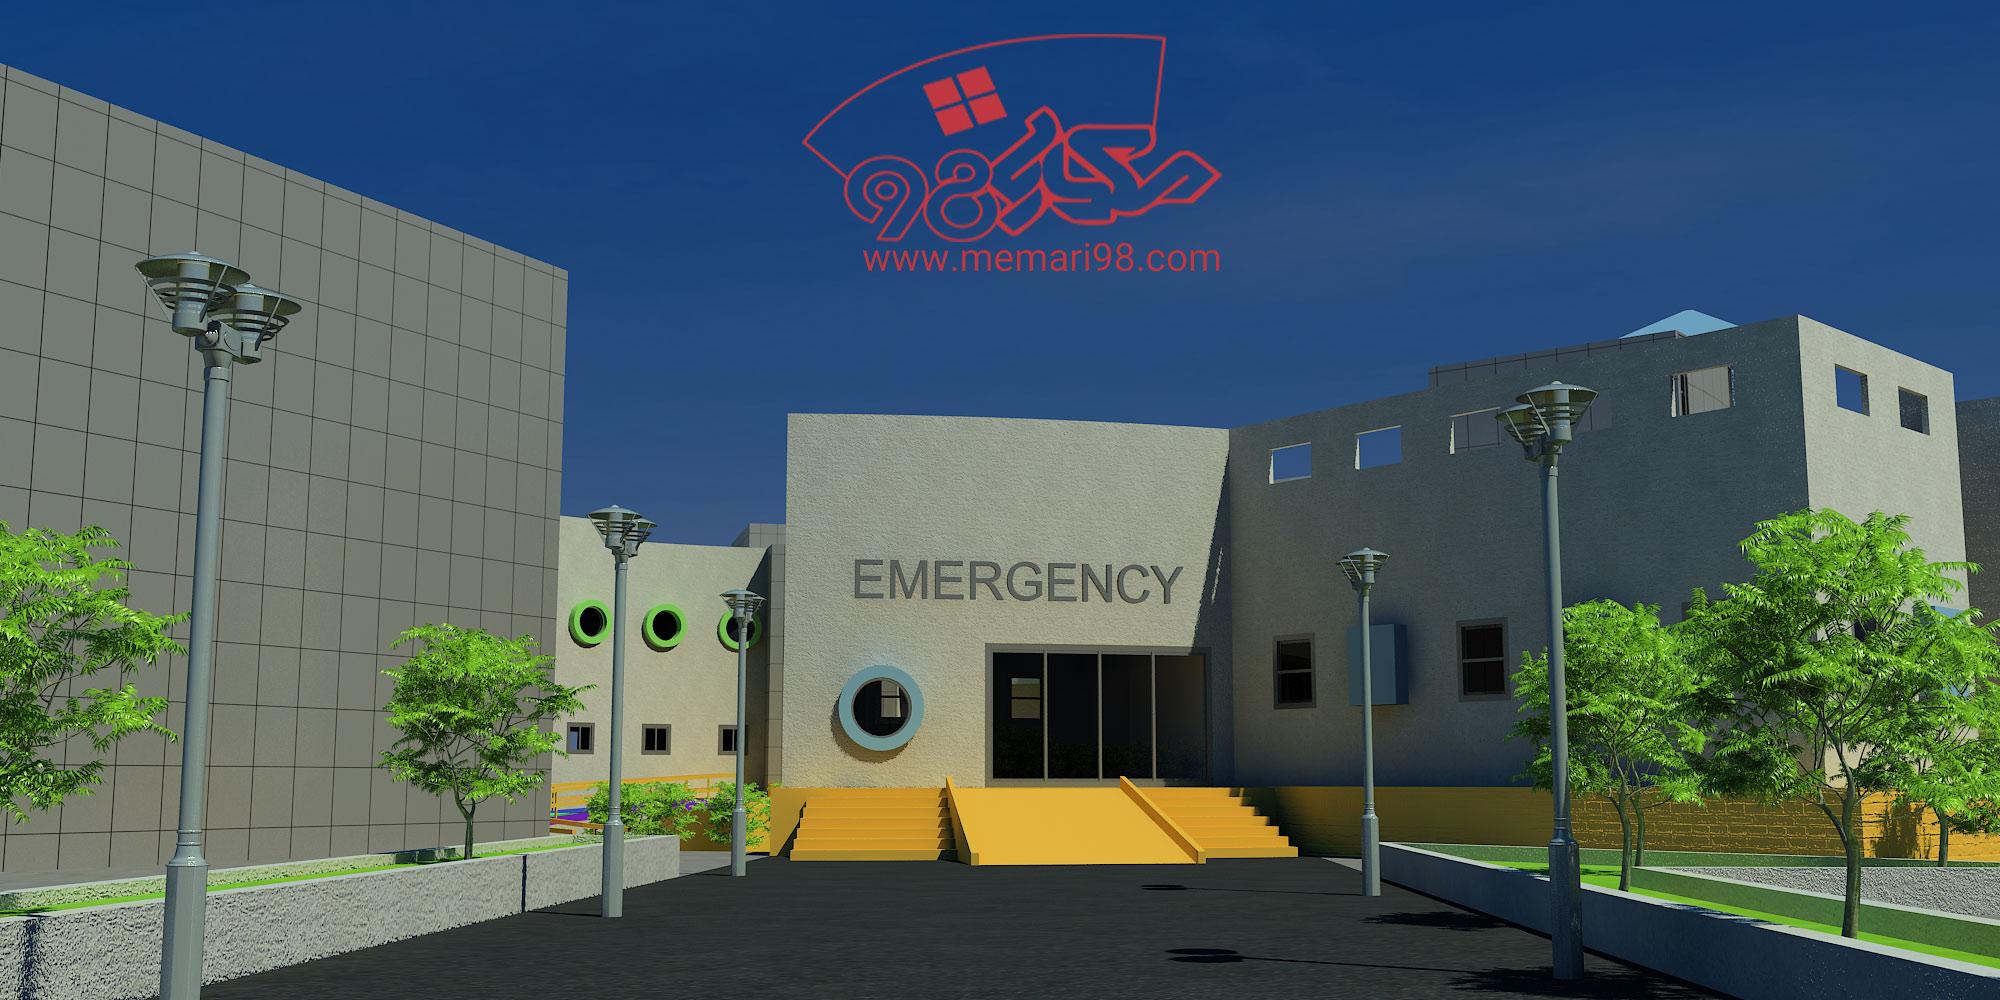 رساله بیمارستان کودکان ( اتوکد - رندر - رساله - پوستر - تحلیل )